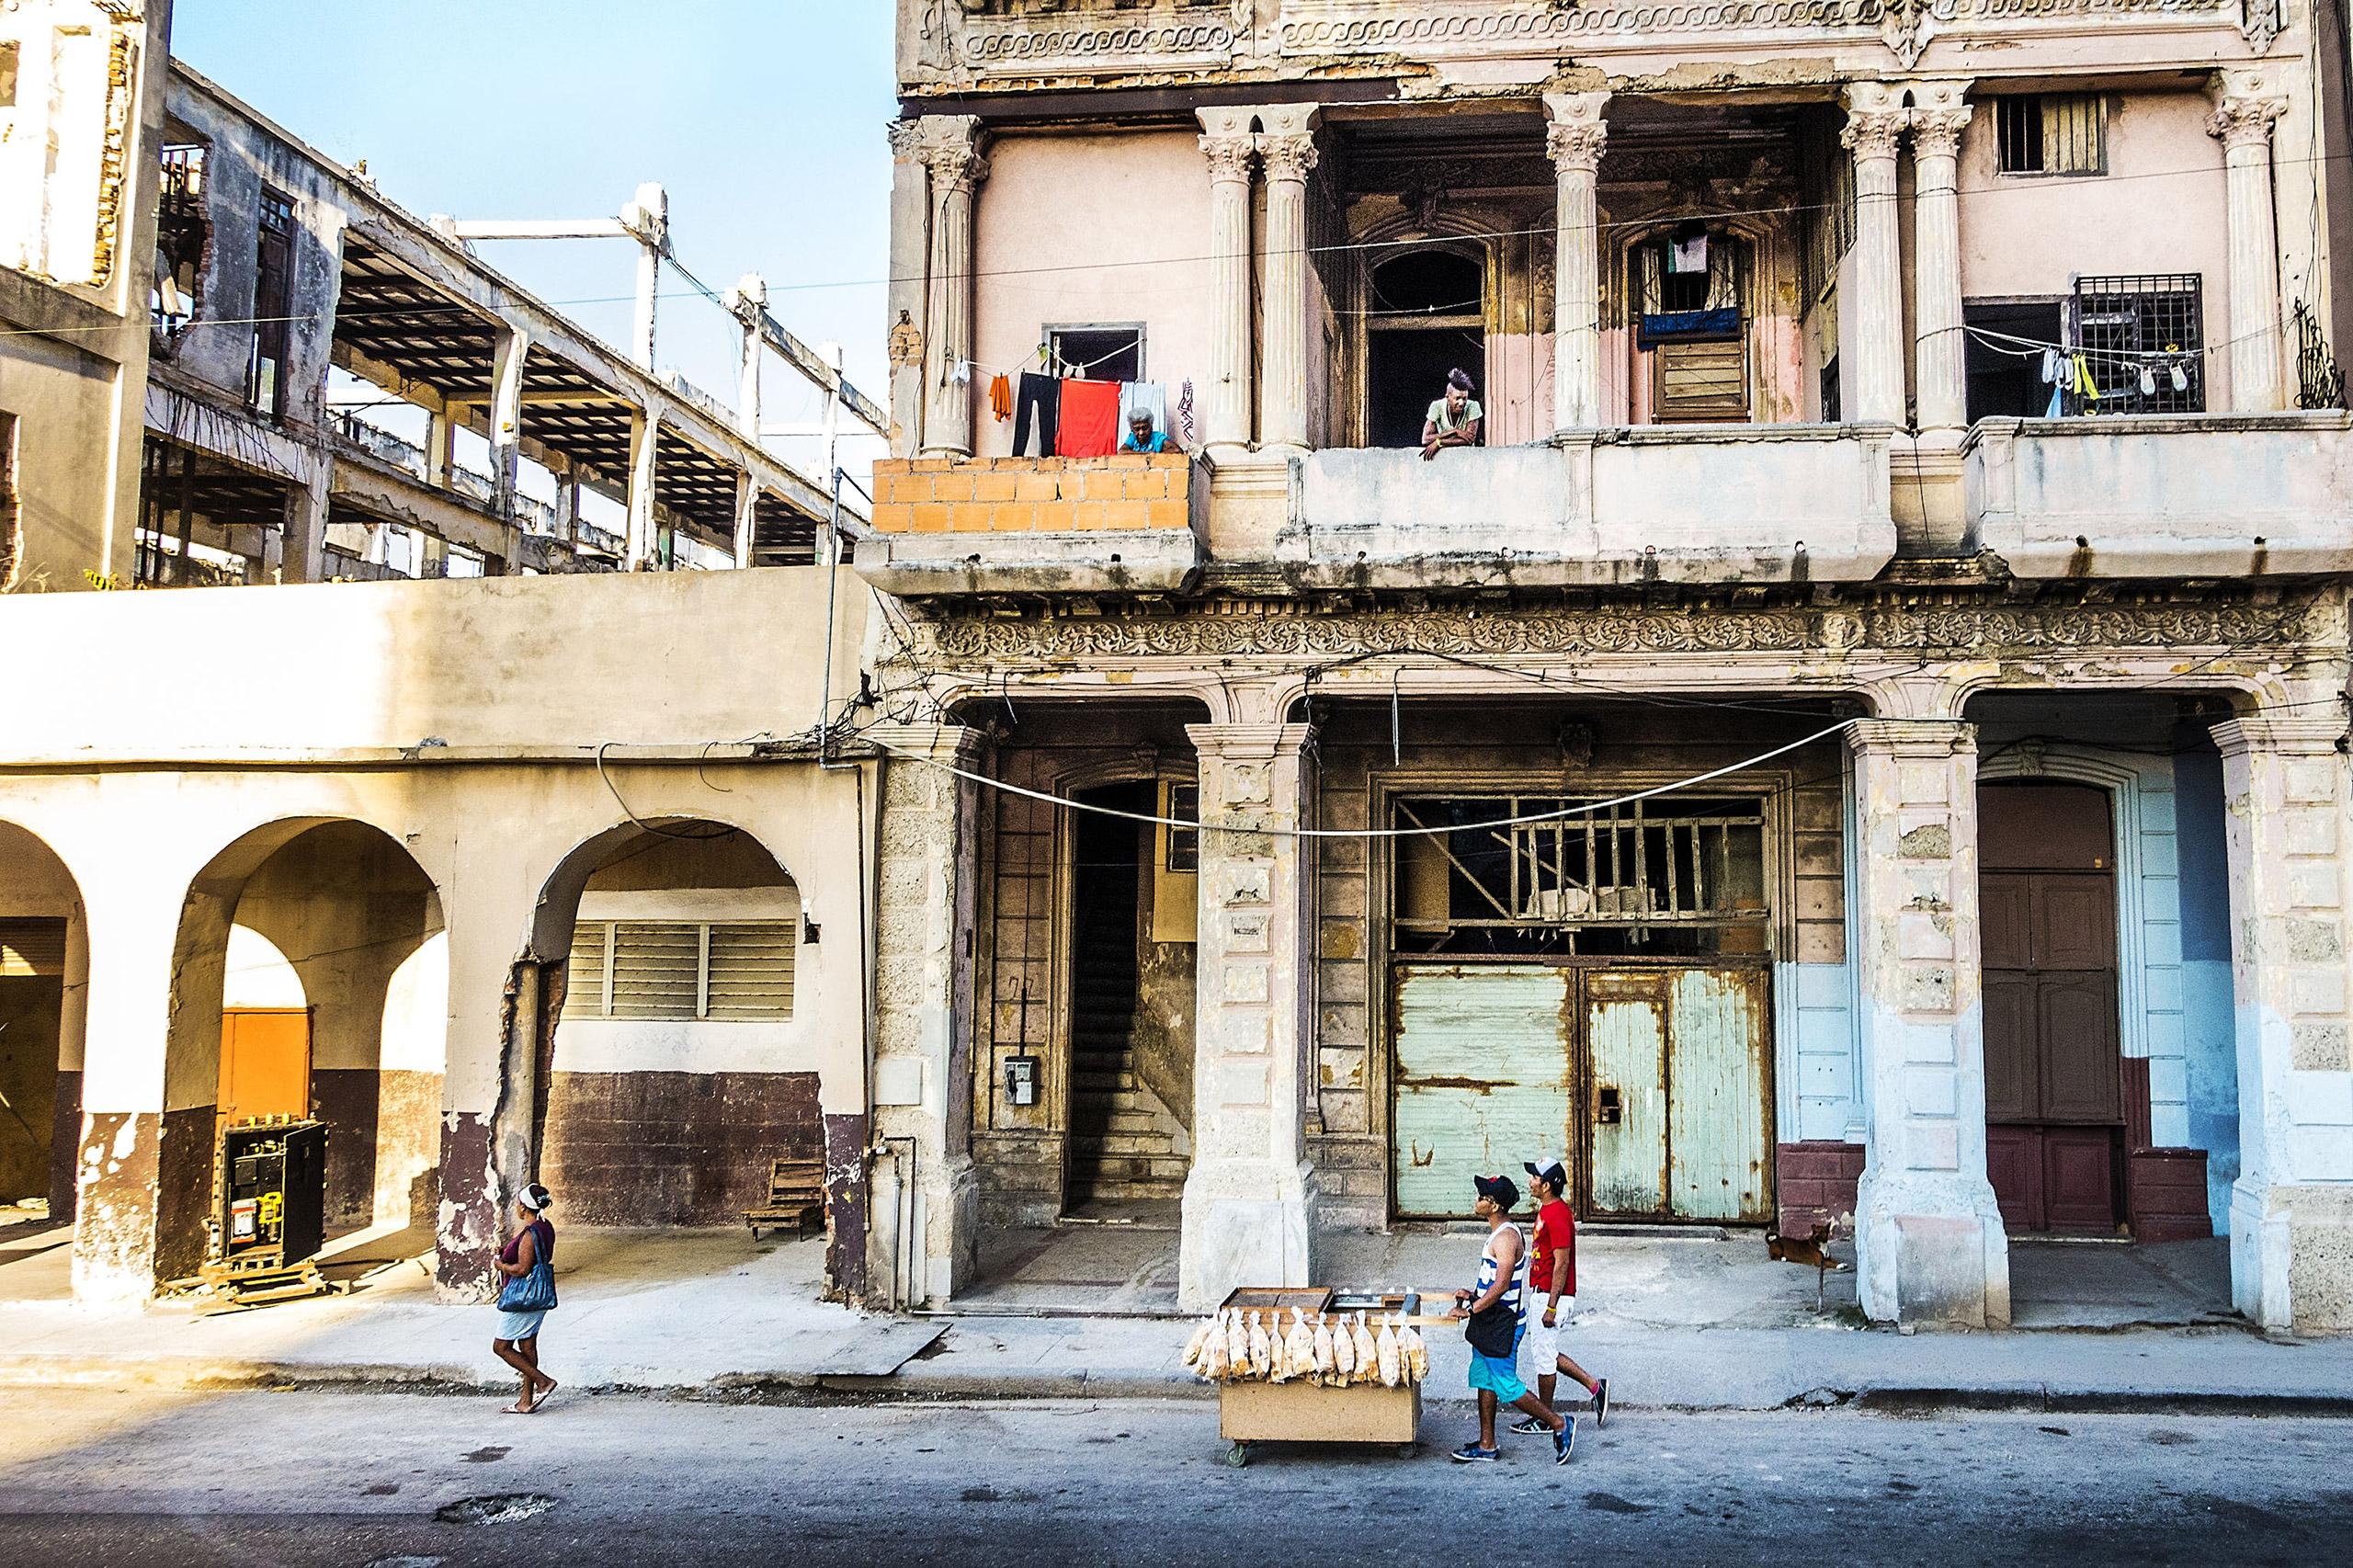 A street scene in central Havana, Cuba, March 15, 2015.